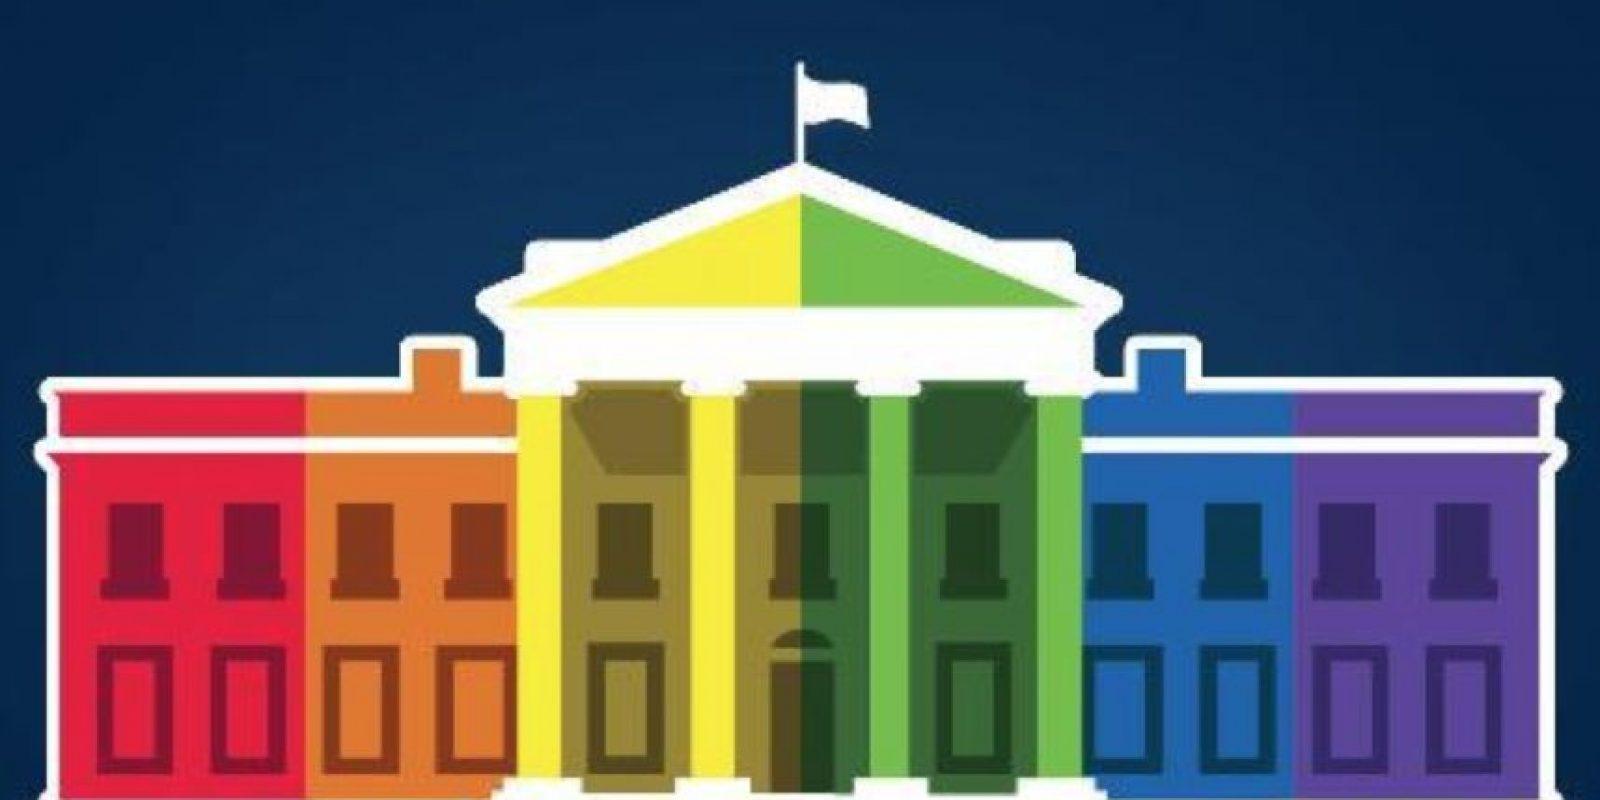 Instituciones y empresas cambiaron sus logos en apoyo a la aprobación del matrimonio gay. Foto:Vía Twitter @WhiteHouse